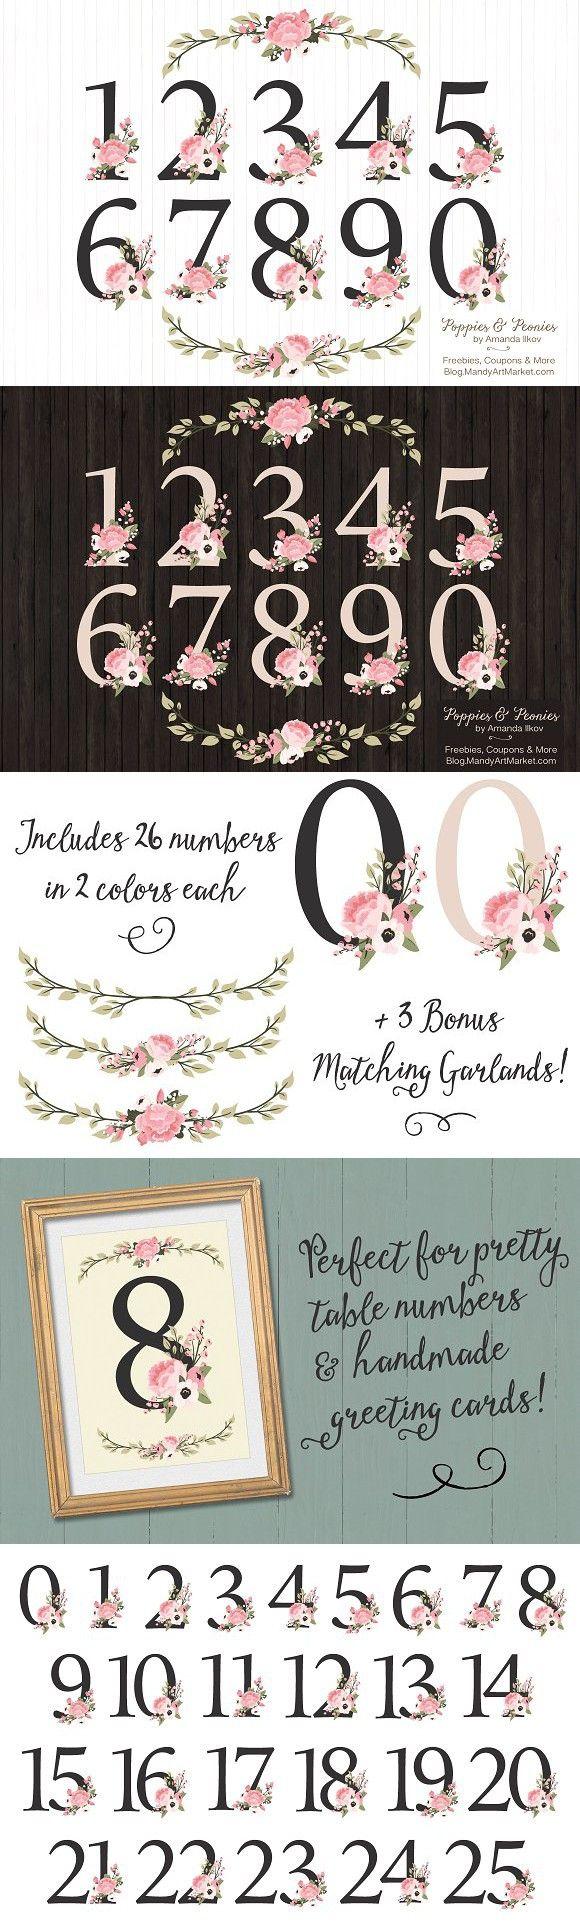 Soft Pink Floral Number Vectors. Wedding Fonts